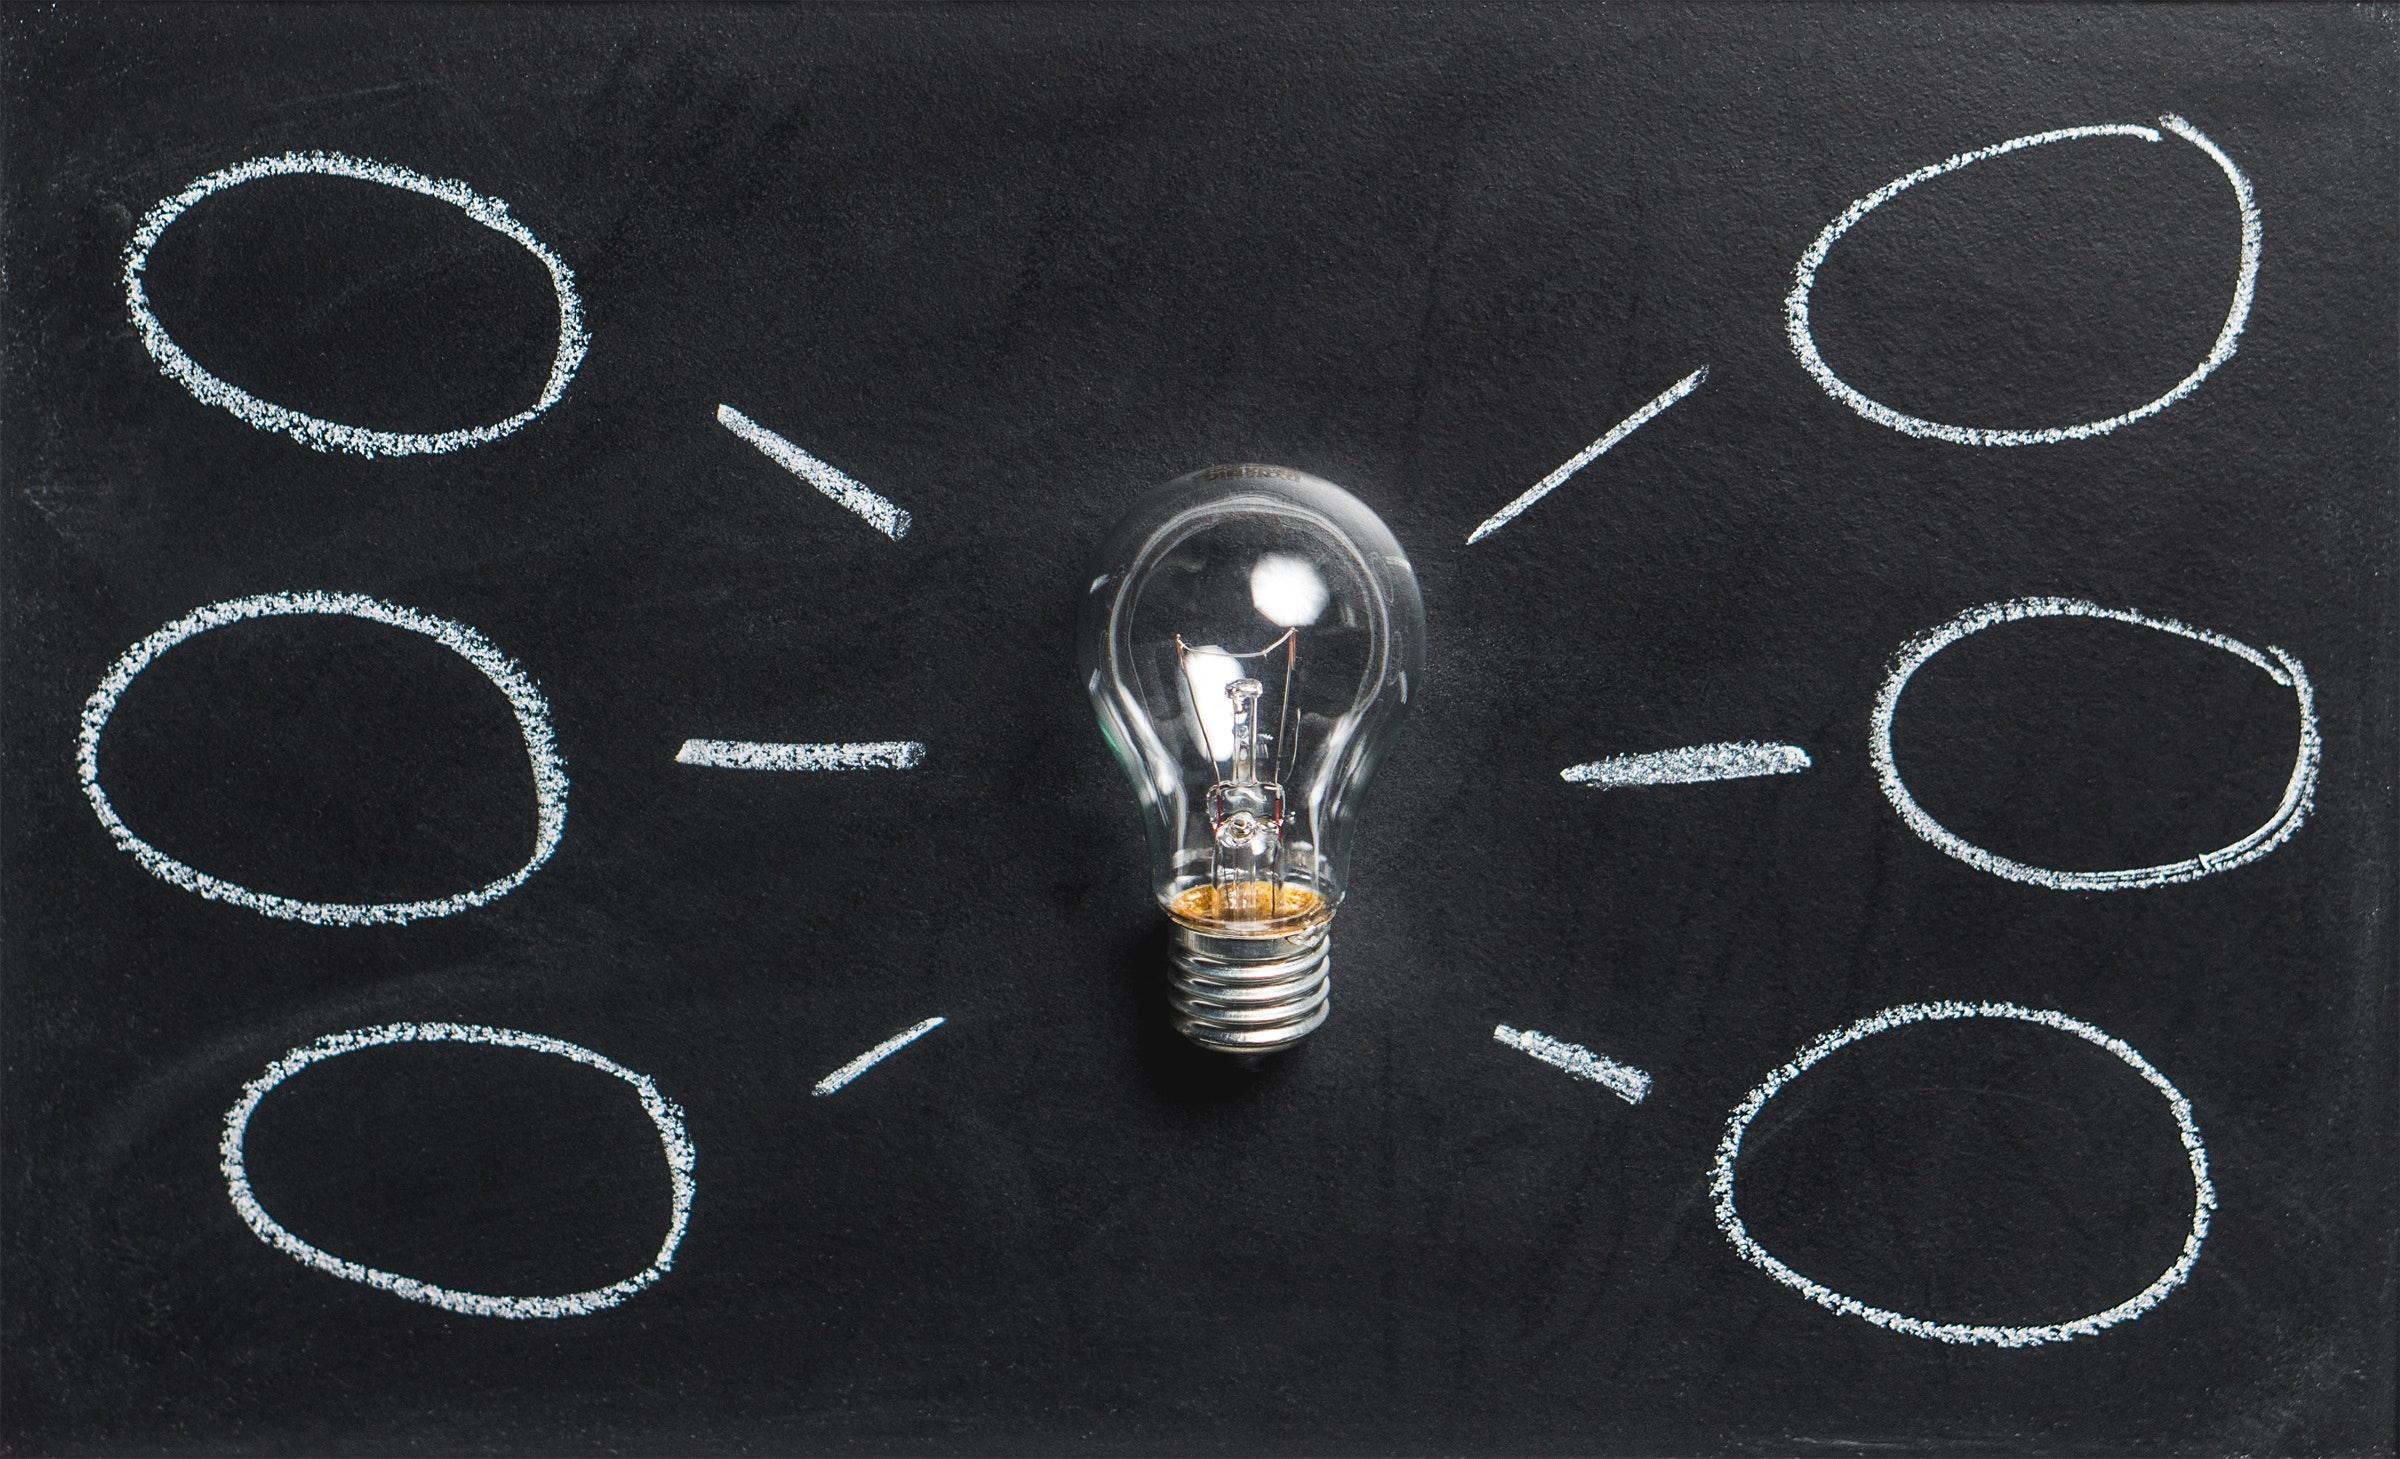 Bild mit Glühbirne auf einer Schiefertafel symbolisiert die vielen Ideen, die ein Praktikum im datenwerk bringt